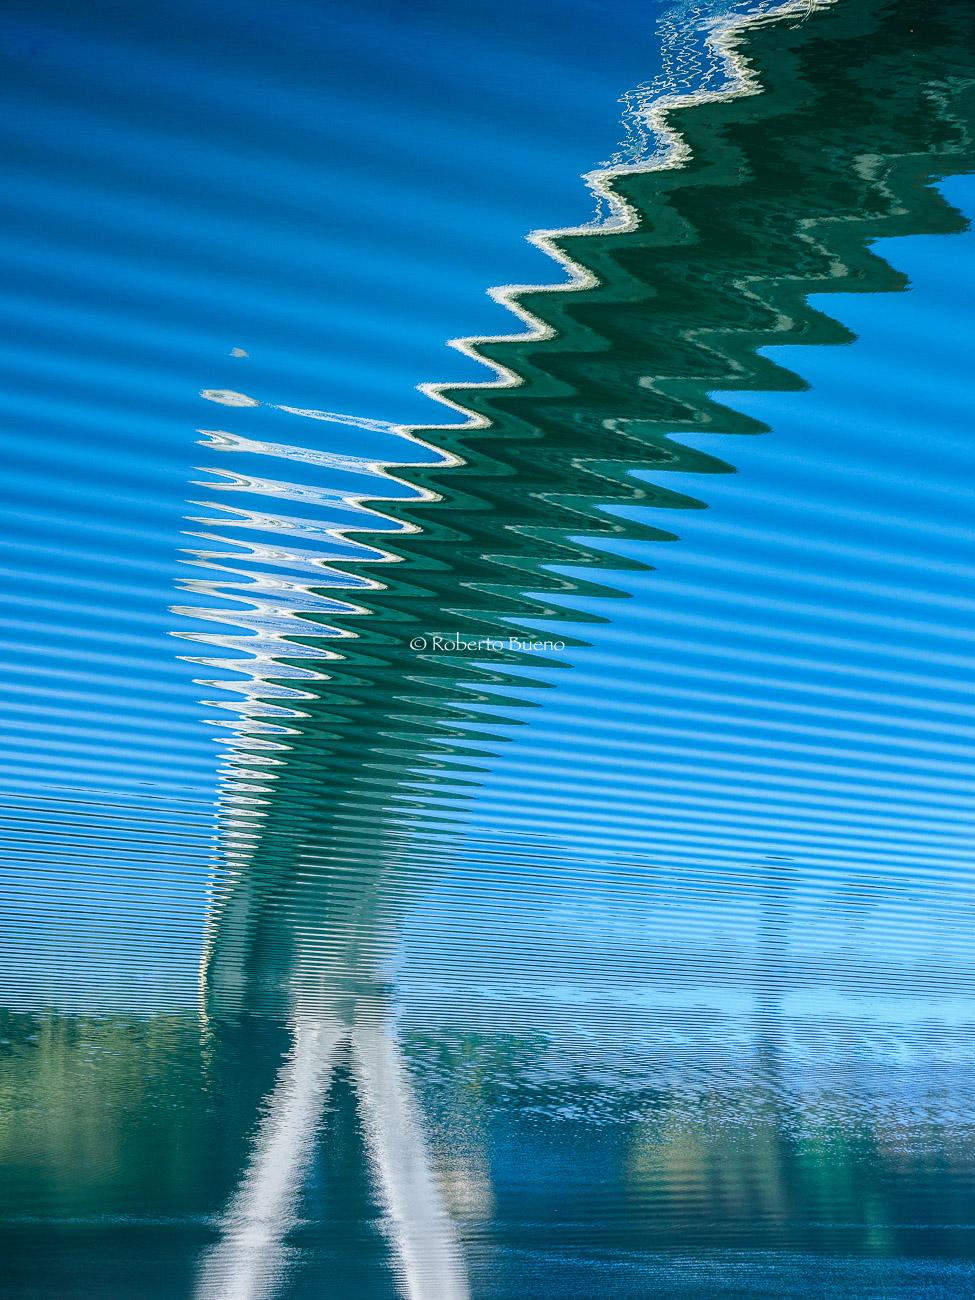 Puente en Bretaña - Con Otros Ojos - Con Otros Ojos - Roberto Bueno – Fotografía, Naturaleza, Abstracciones